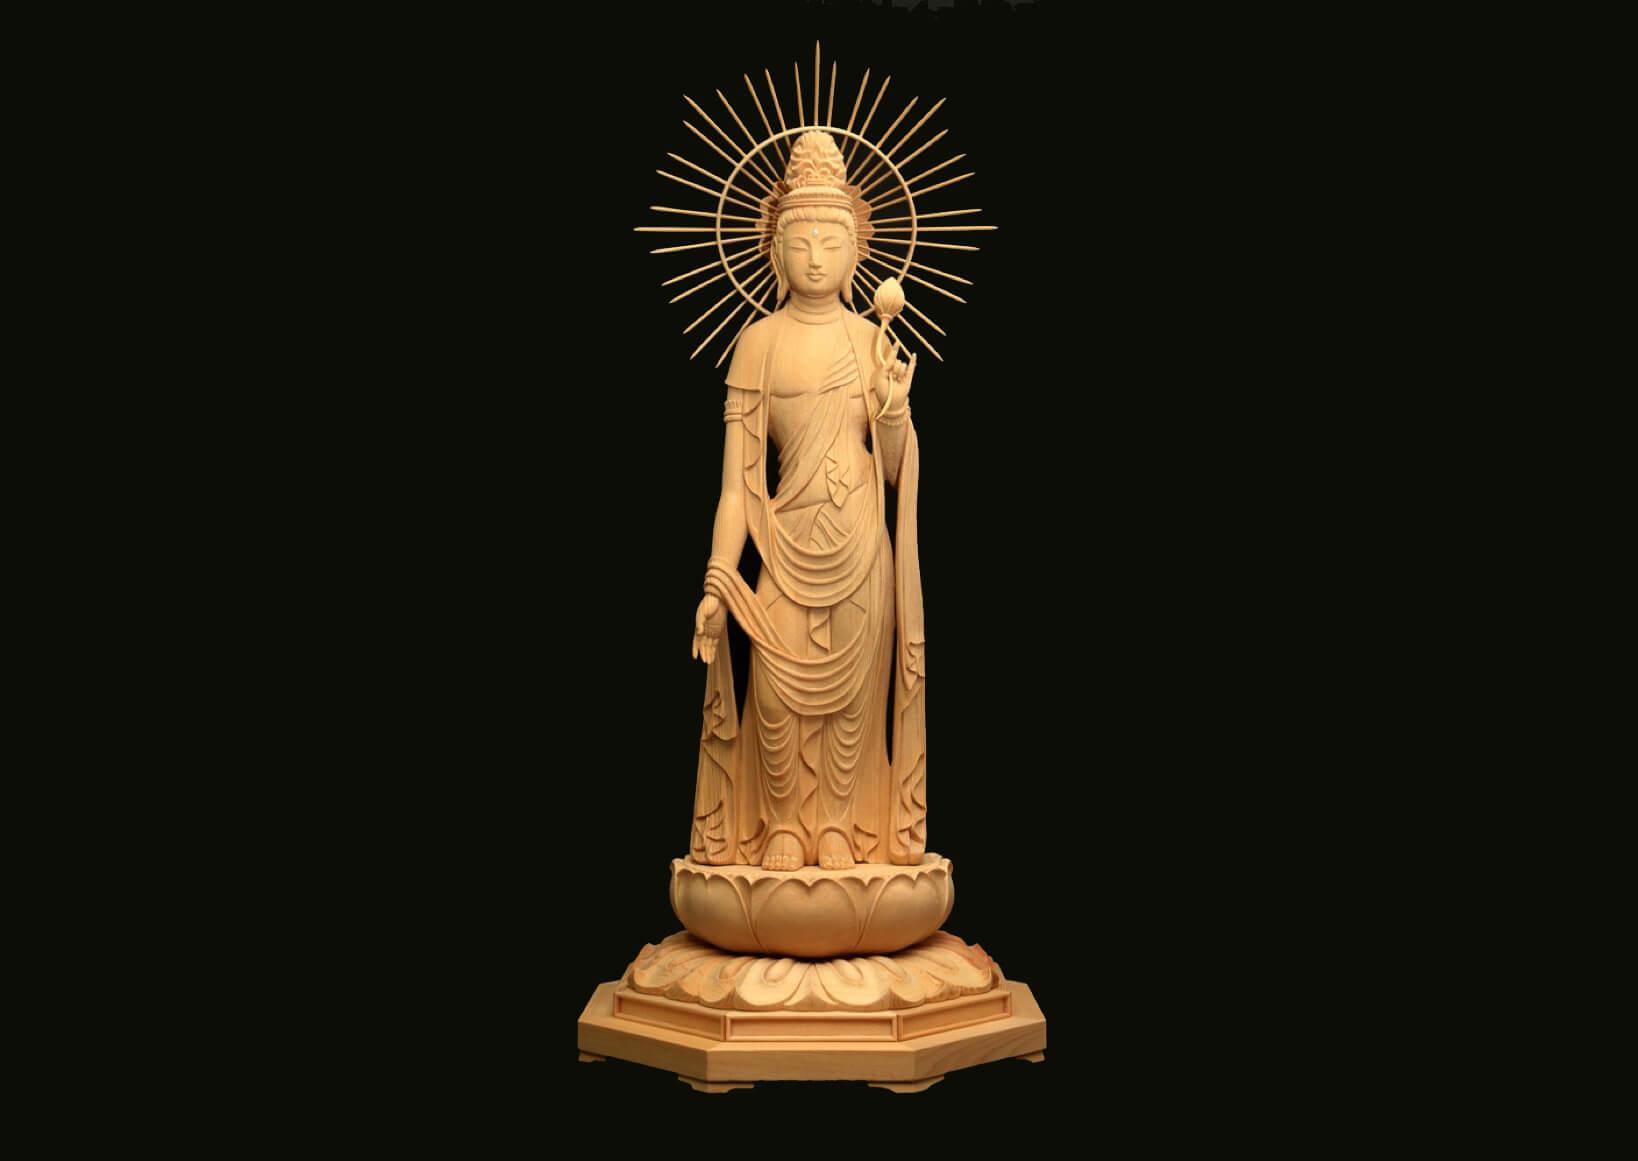 祈りを形に 42歳でようやく見つけた「仏像彫刻師」という仕事